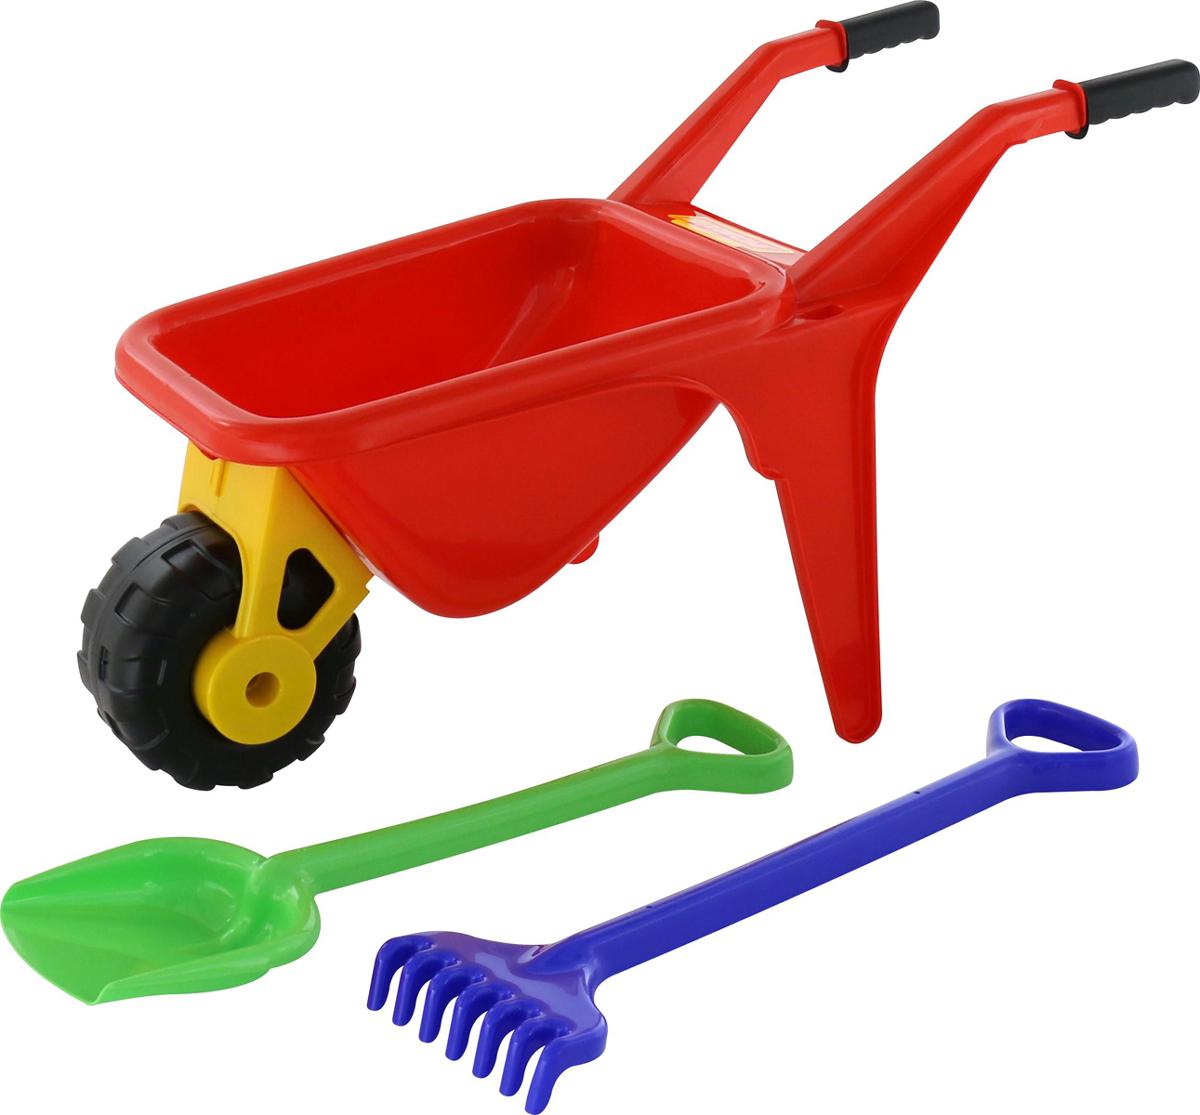 Полесье Набор игрушек для песочницы Тачка Садовод с лопатой и граблями полесье набор игрушек для песочницы тачка садовод с лопатой и граблями цвет желтый